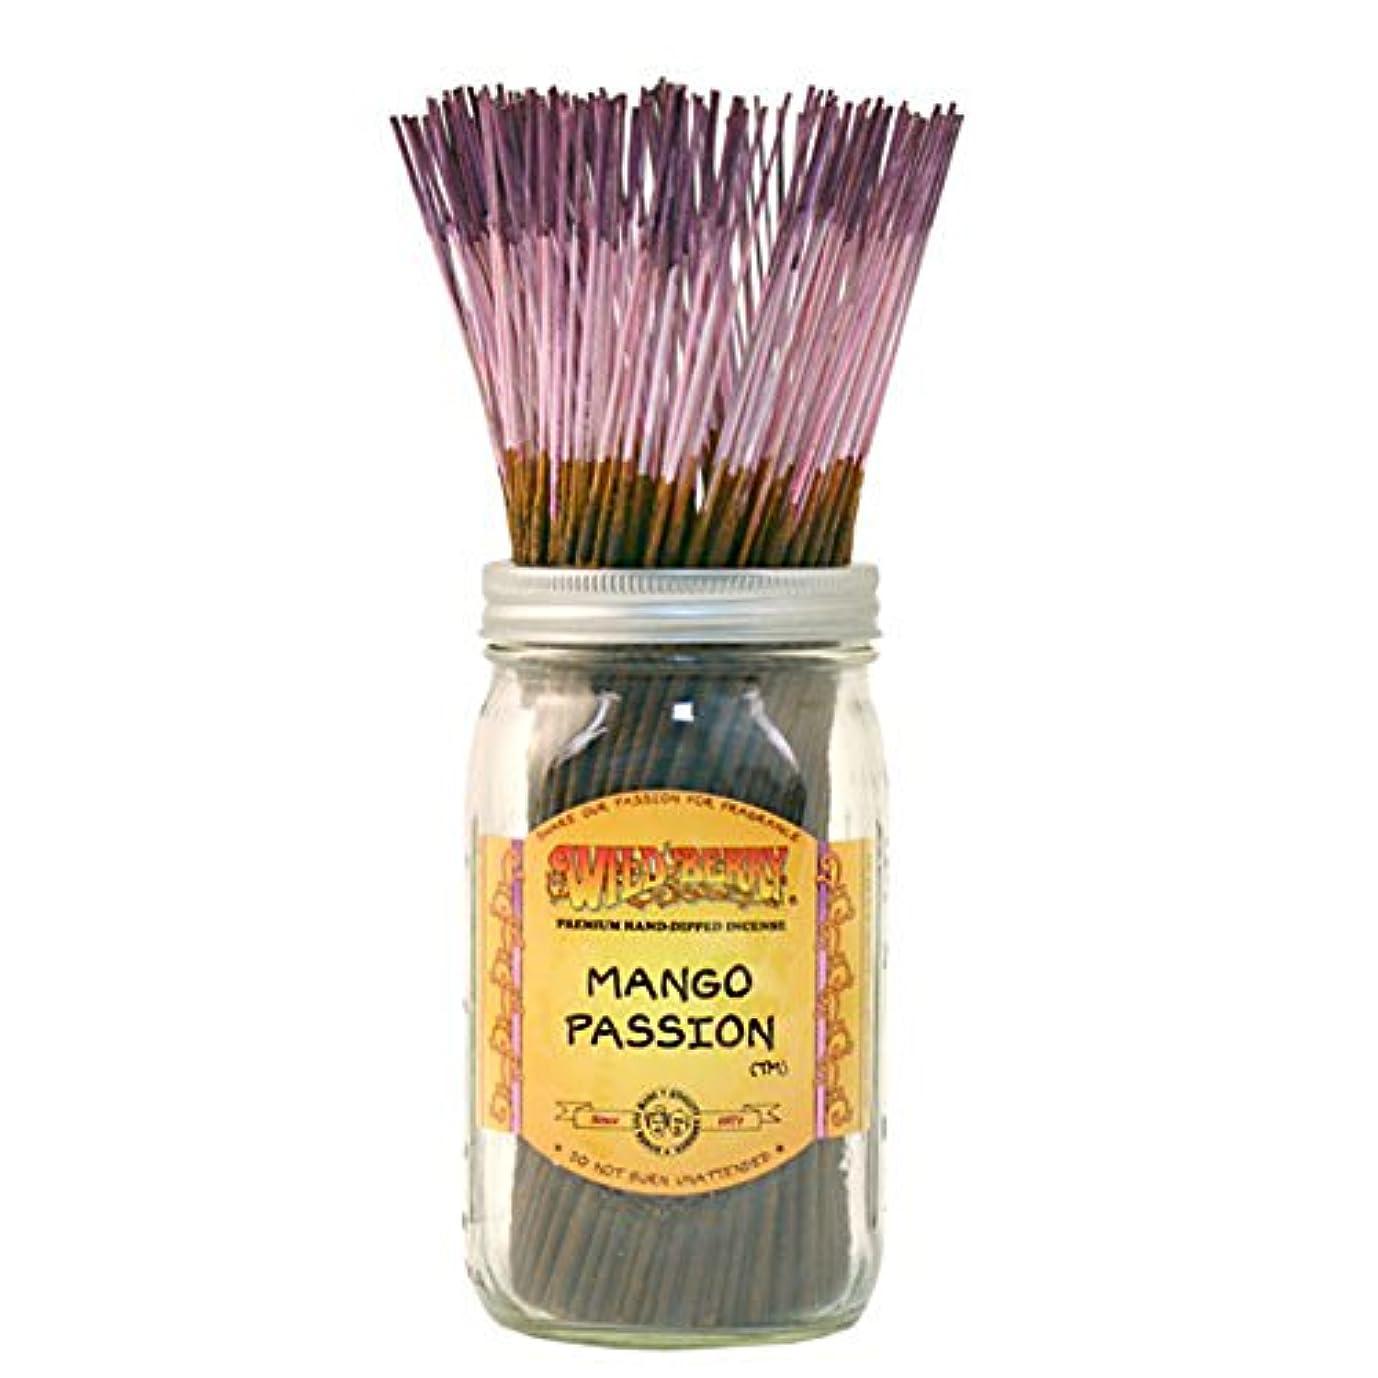 組み込む領事館カヌーWild Berry Mango Passion, Highly Fragranced Incense Sticksバルクパック、100ピース、11インチ